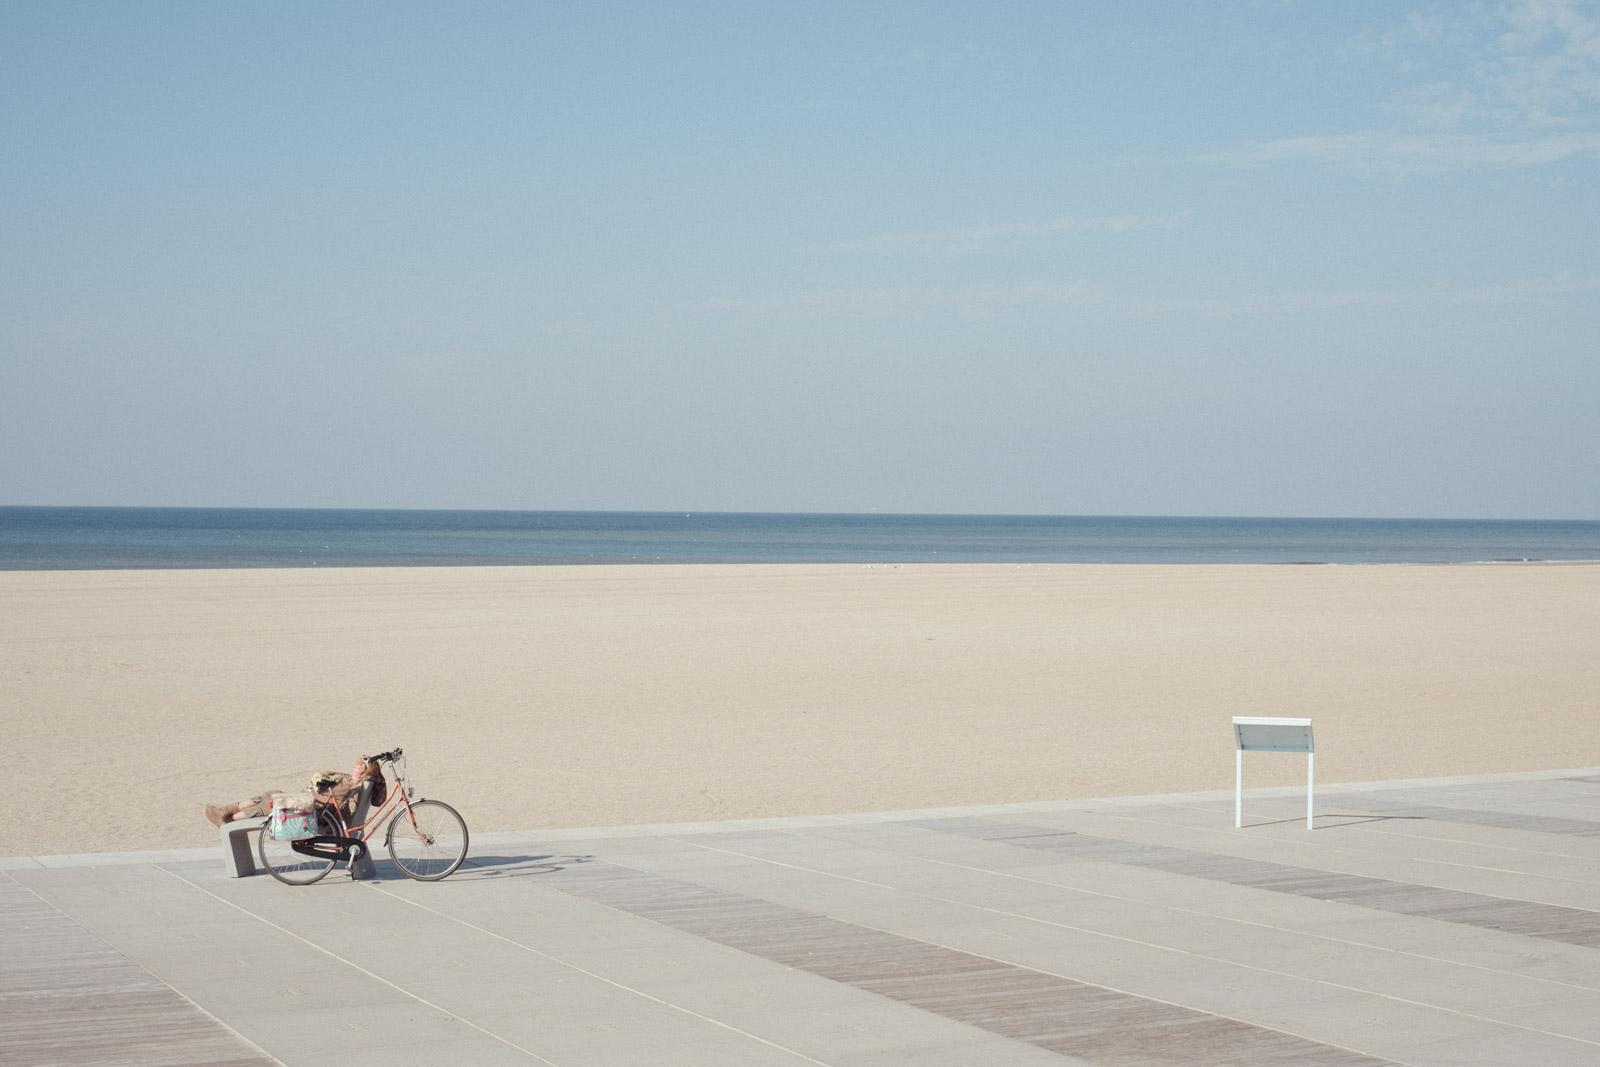 2013-v-ardini-strandslaper.jpg